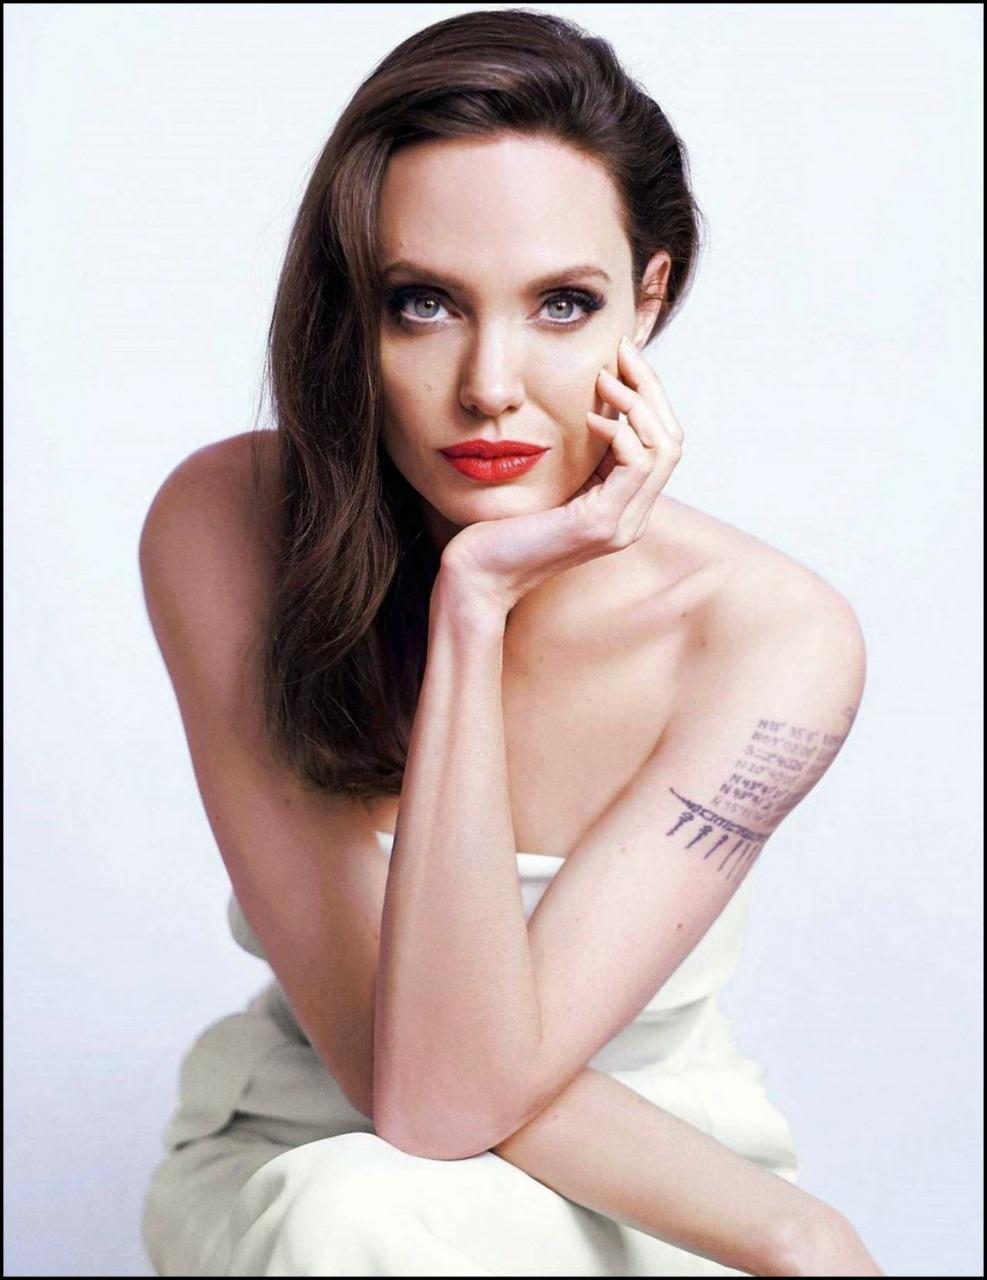 En el día del cumpleaños de Angelina Jolie, la historia de por qué Brad Pitt dejó a Jennifer Aniston